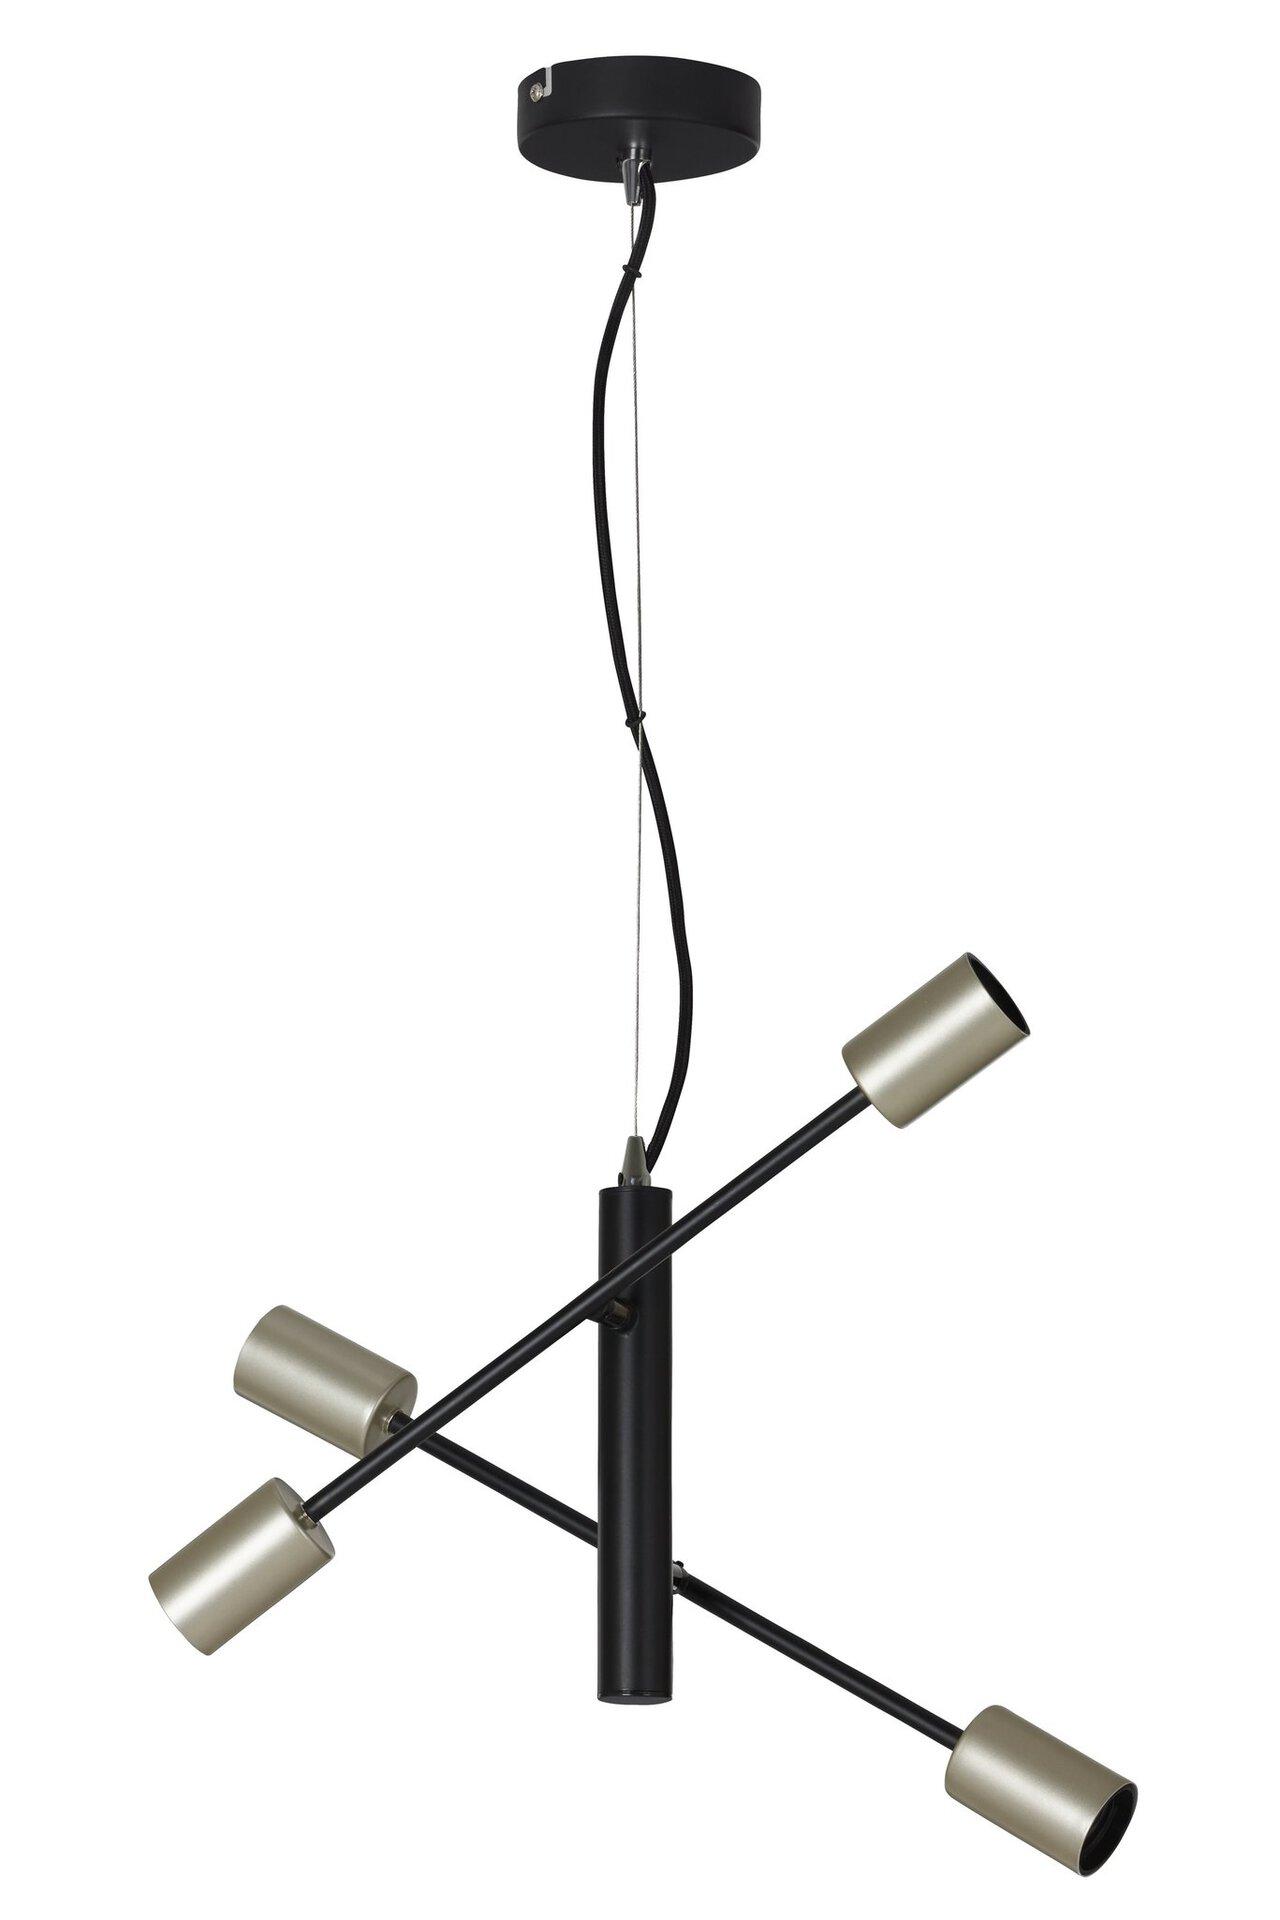 Hängeleuchte Klassik Stab Briloner Metall schwarz 120 x 41 cm